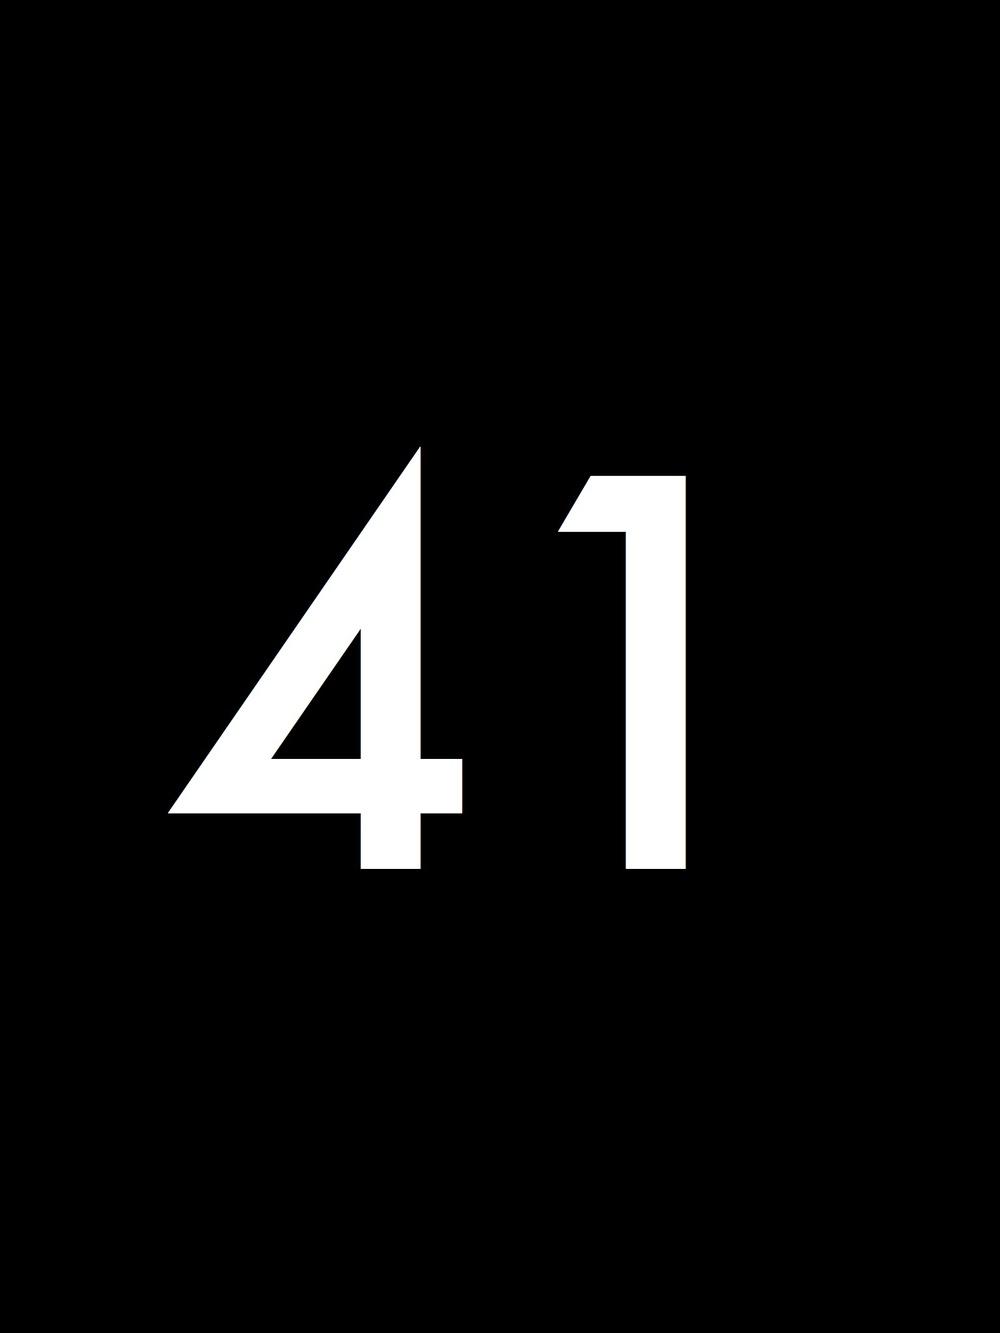 Black_Number.041.jpg